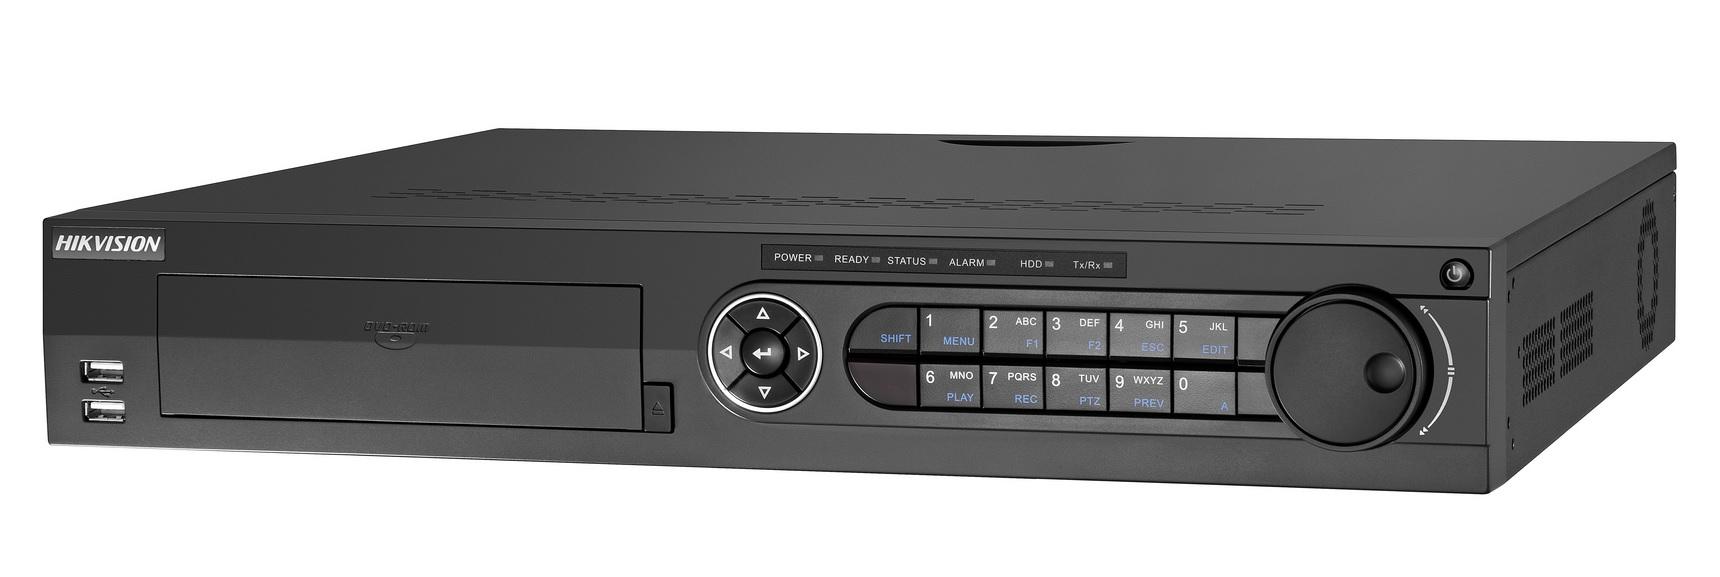 HIKVISION DS-7324HQHI-K4 Καταγραφικό HDTVI έως 4MP